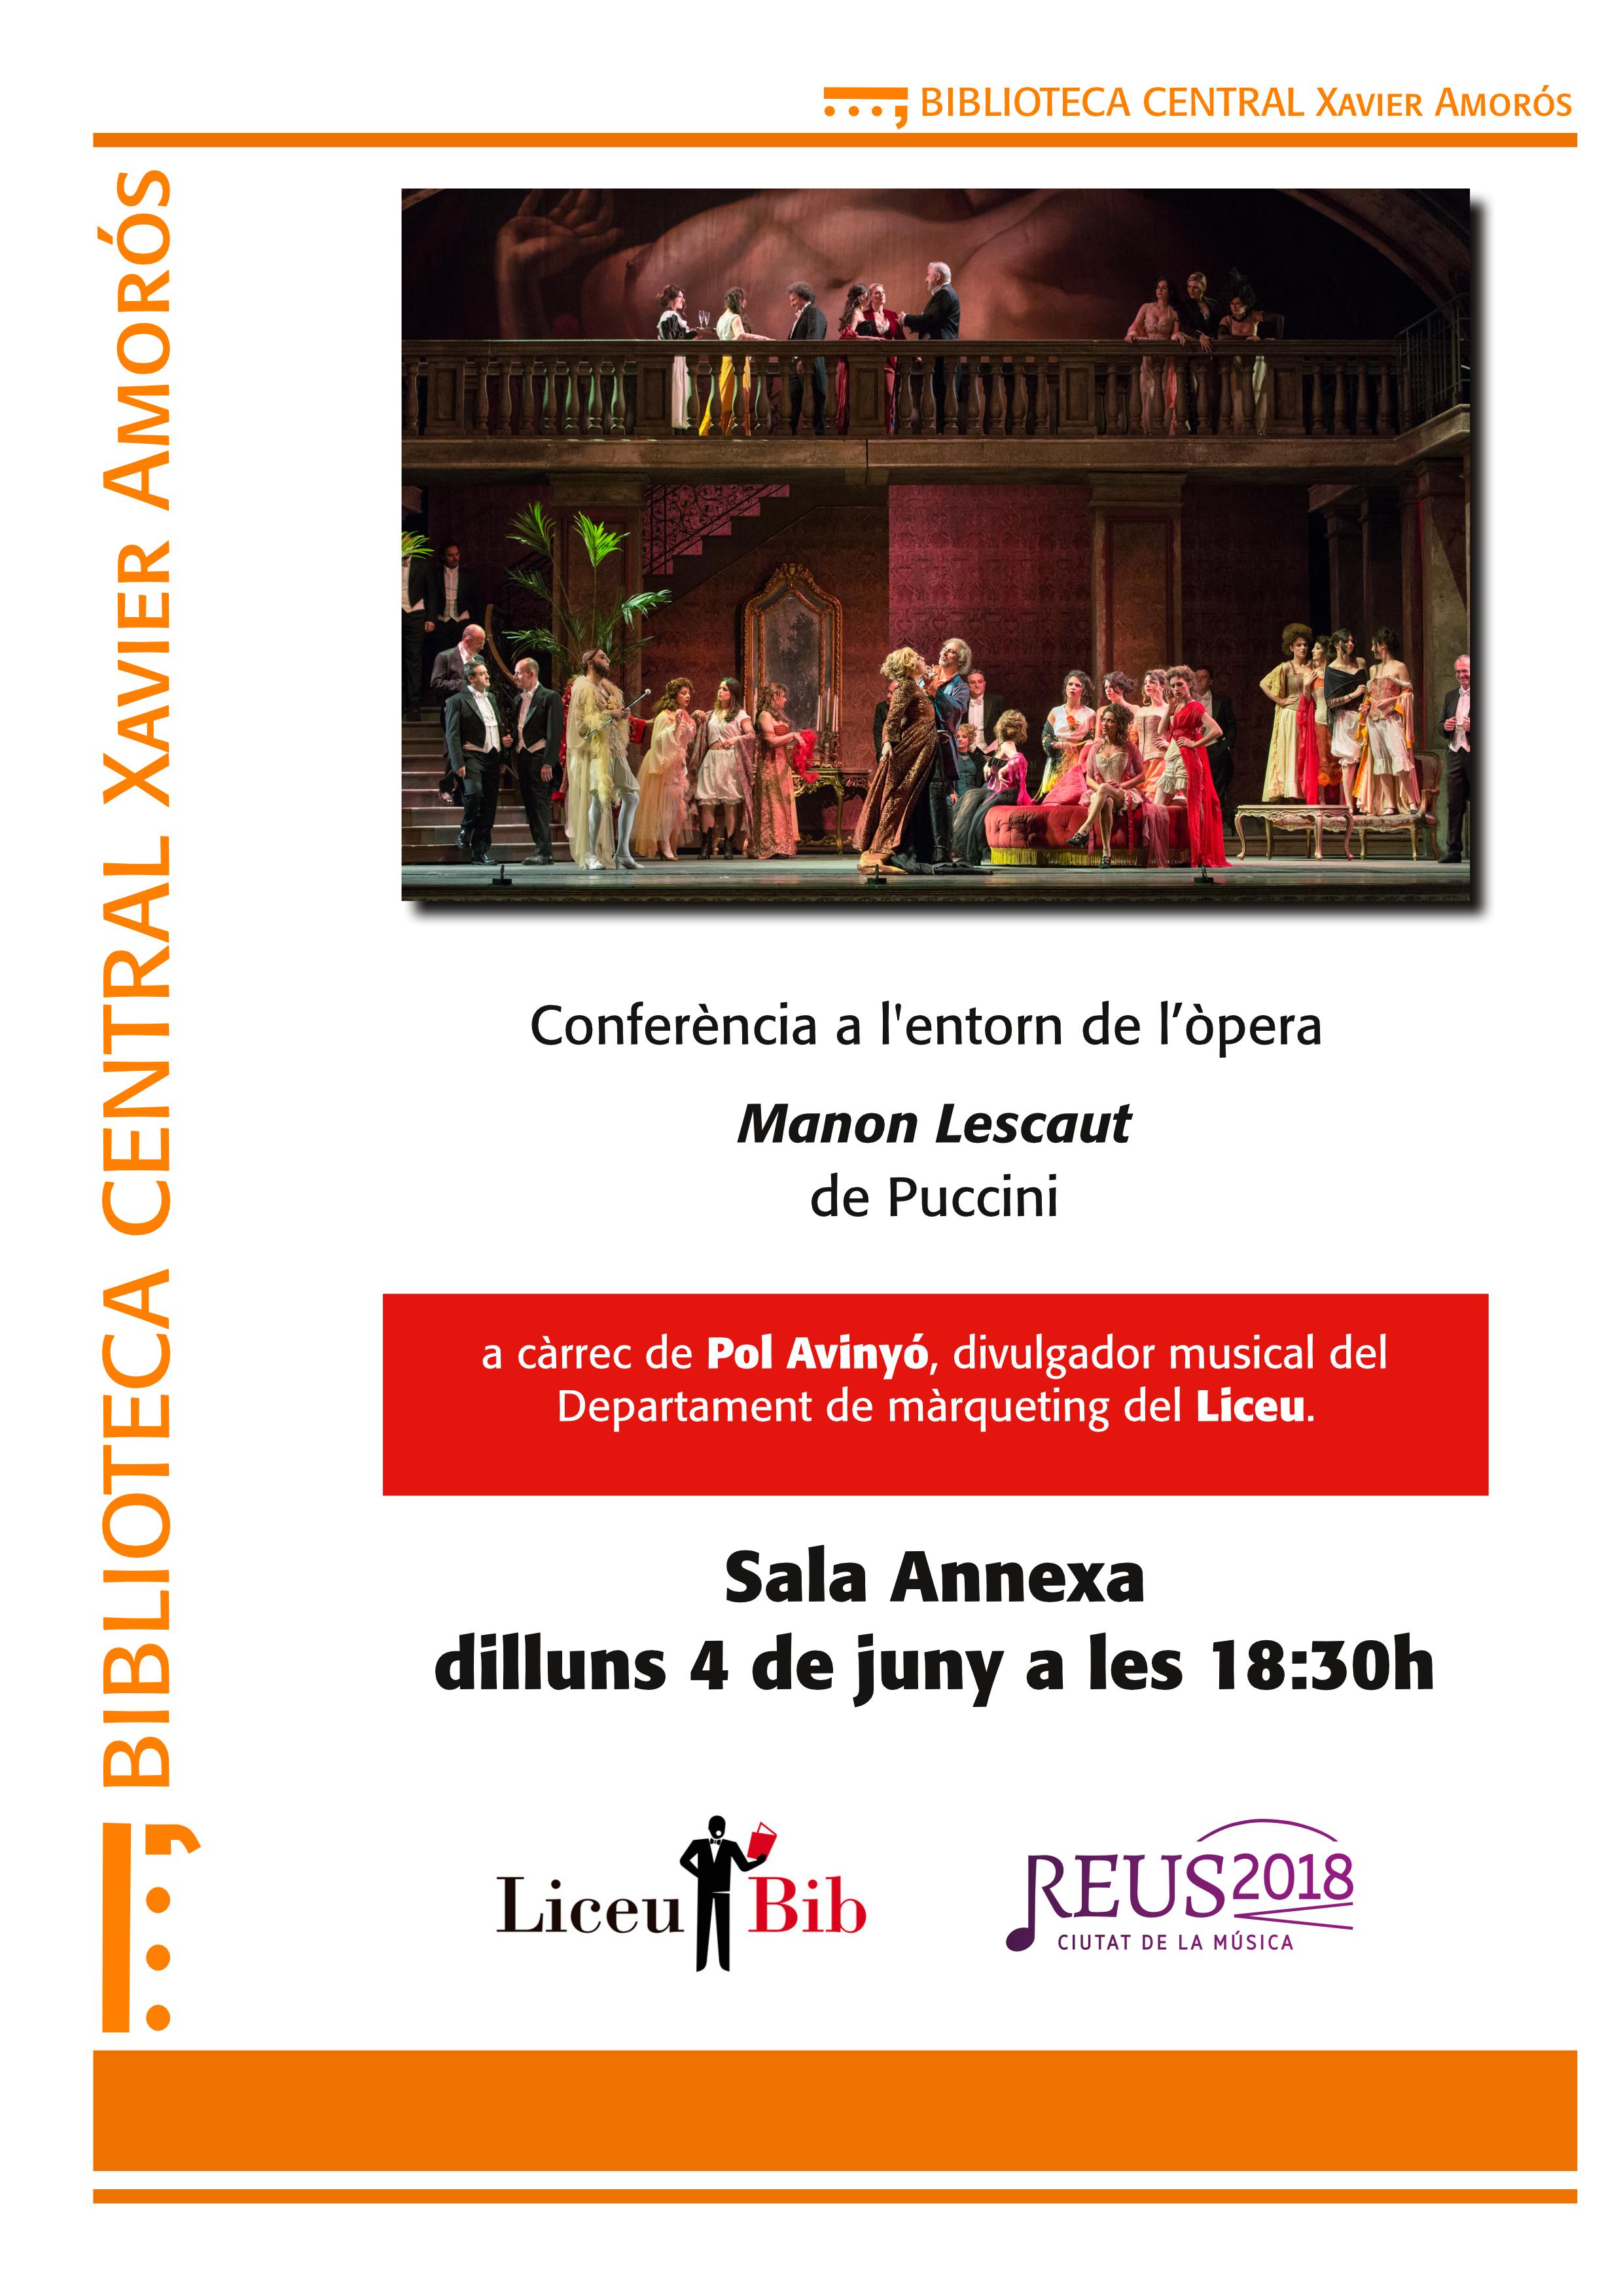 Conferència a l'entorn de l'òpera Manon Lescaut, de Puccini